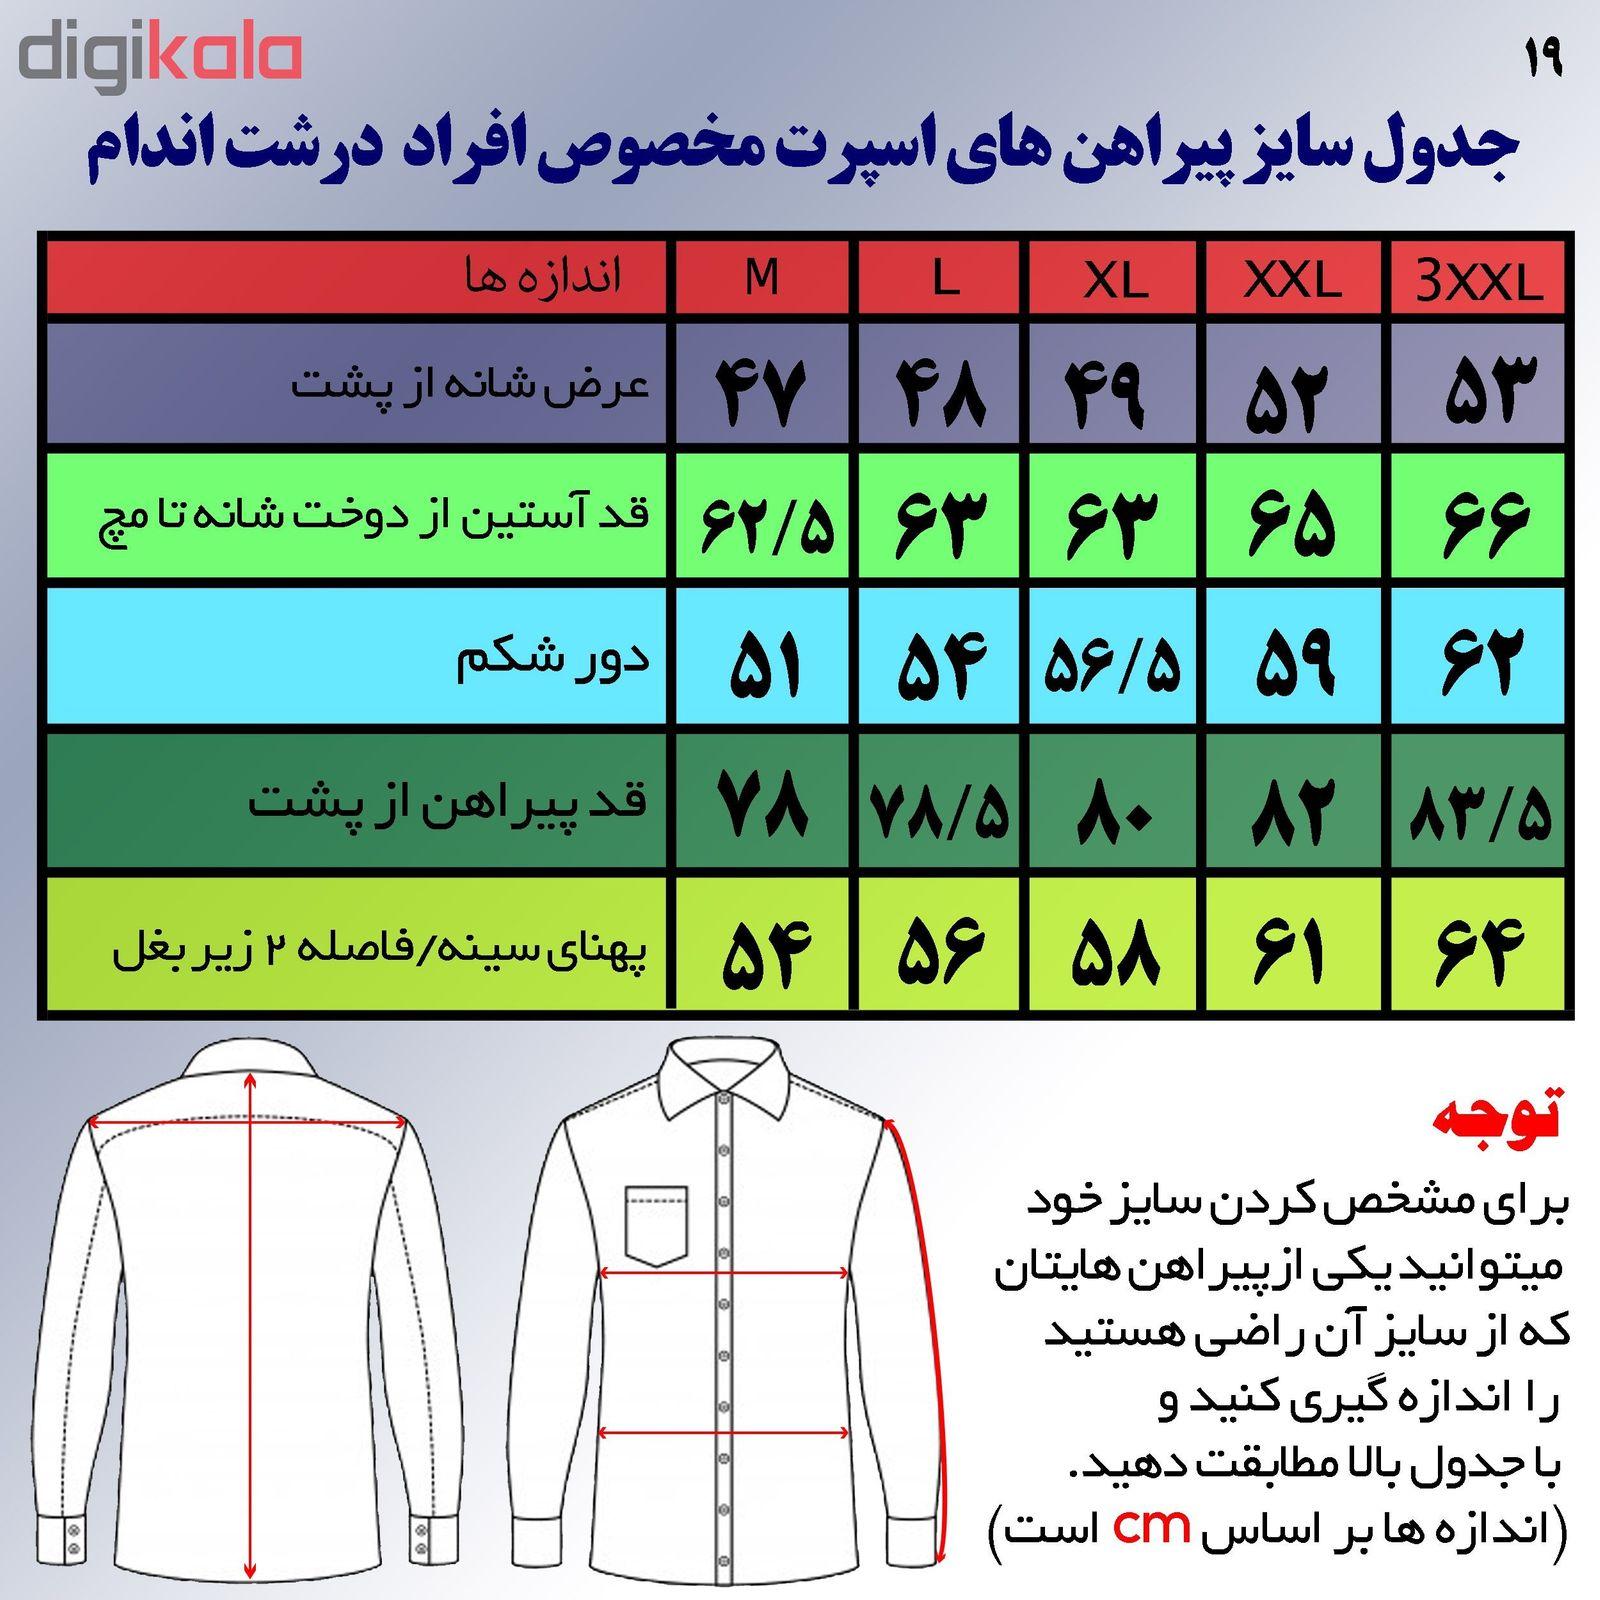 پیراهن مردانه پایتی جامه کد 1901513 main 1 1